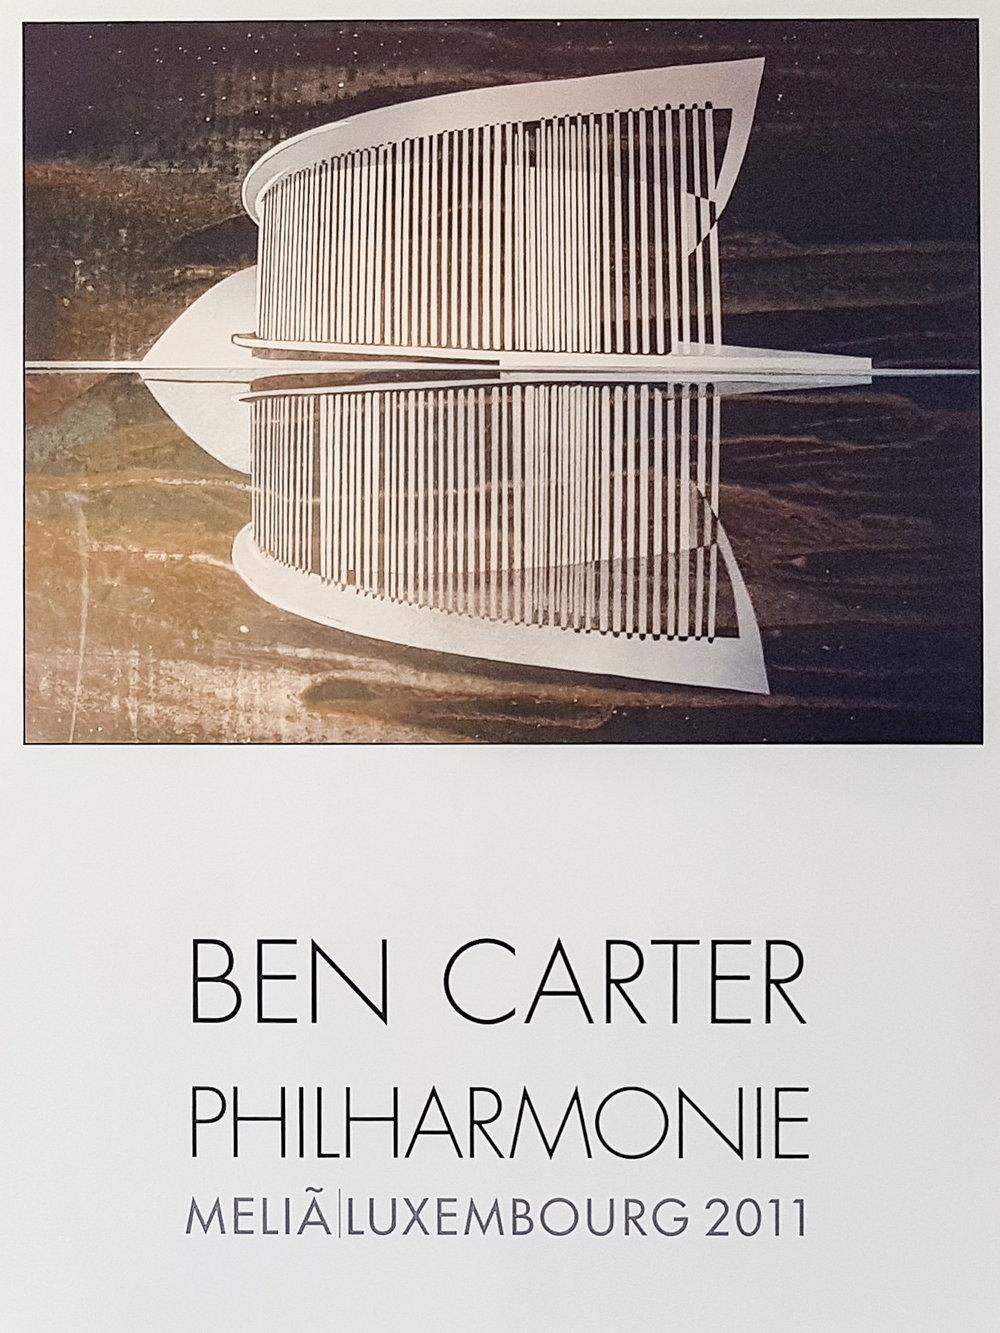 philharmonie - Poster50 x 70 cmEUR 80